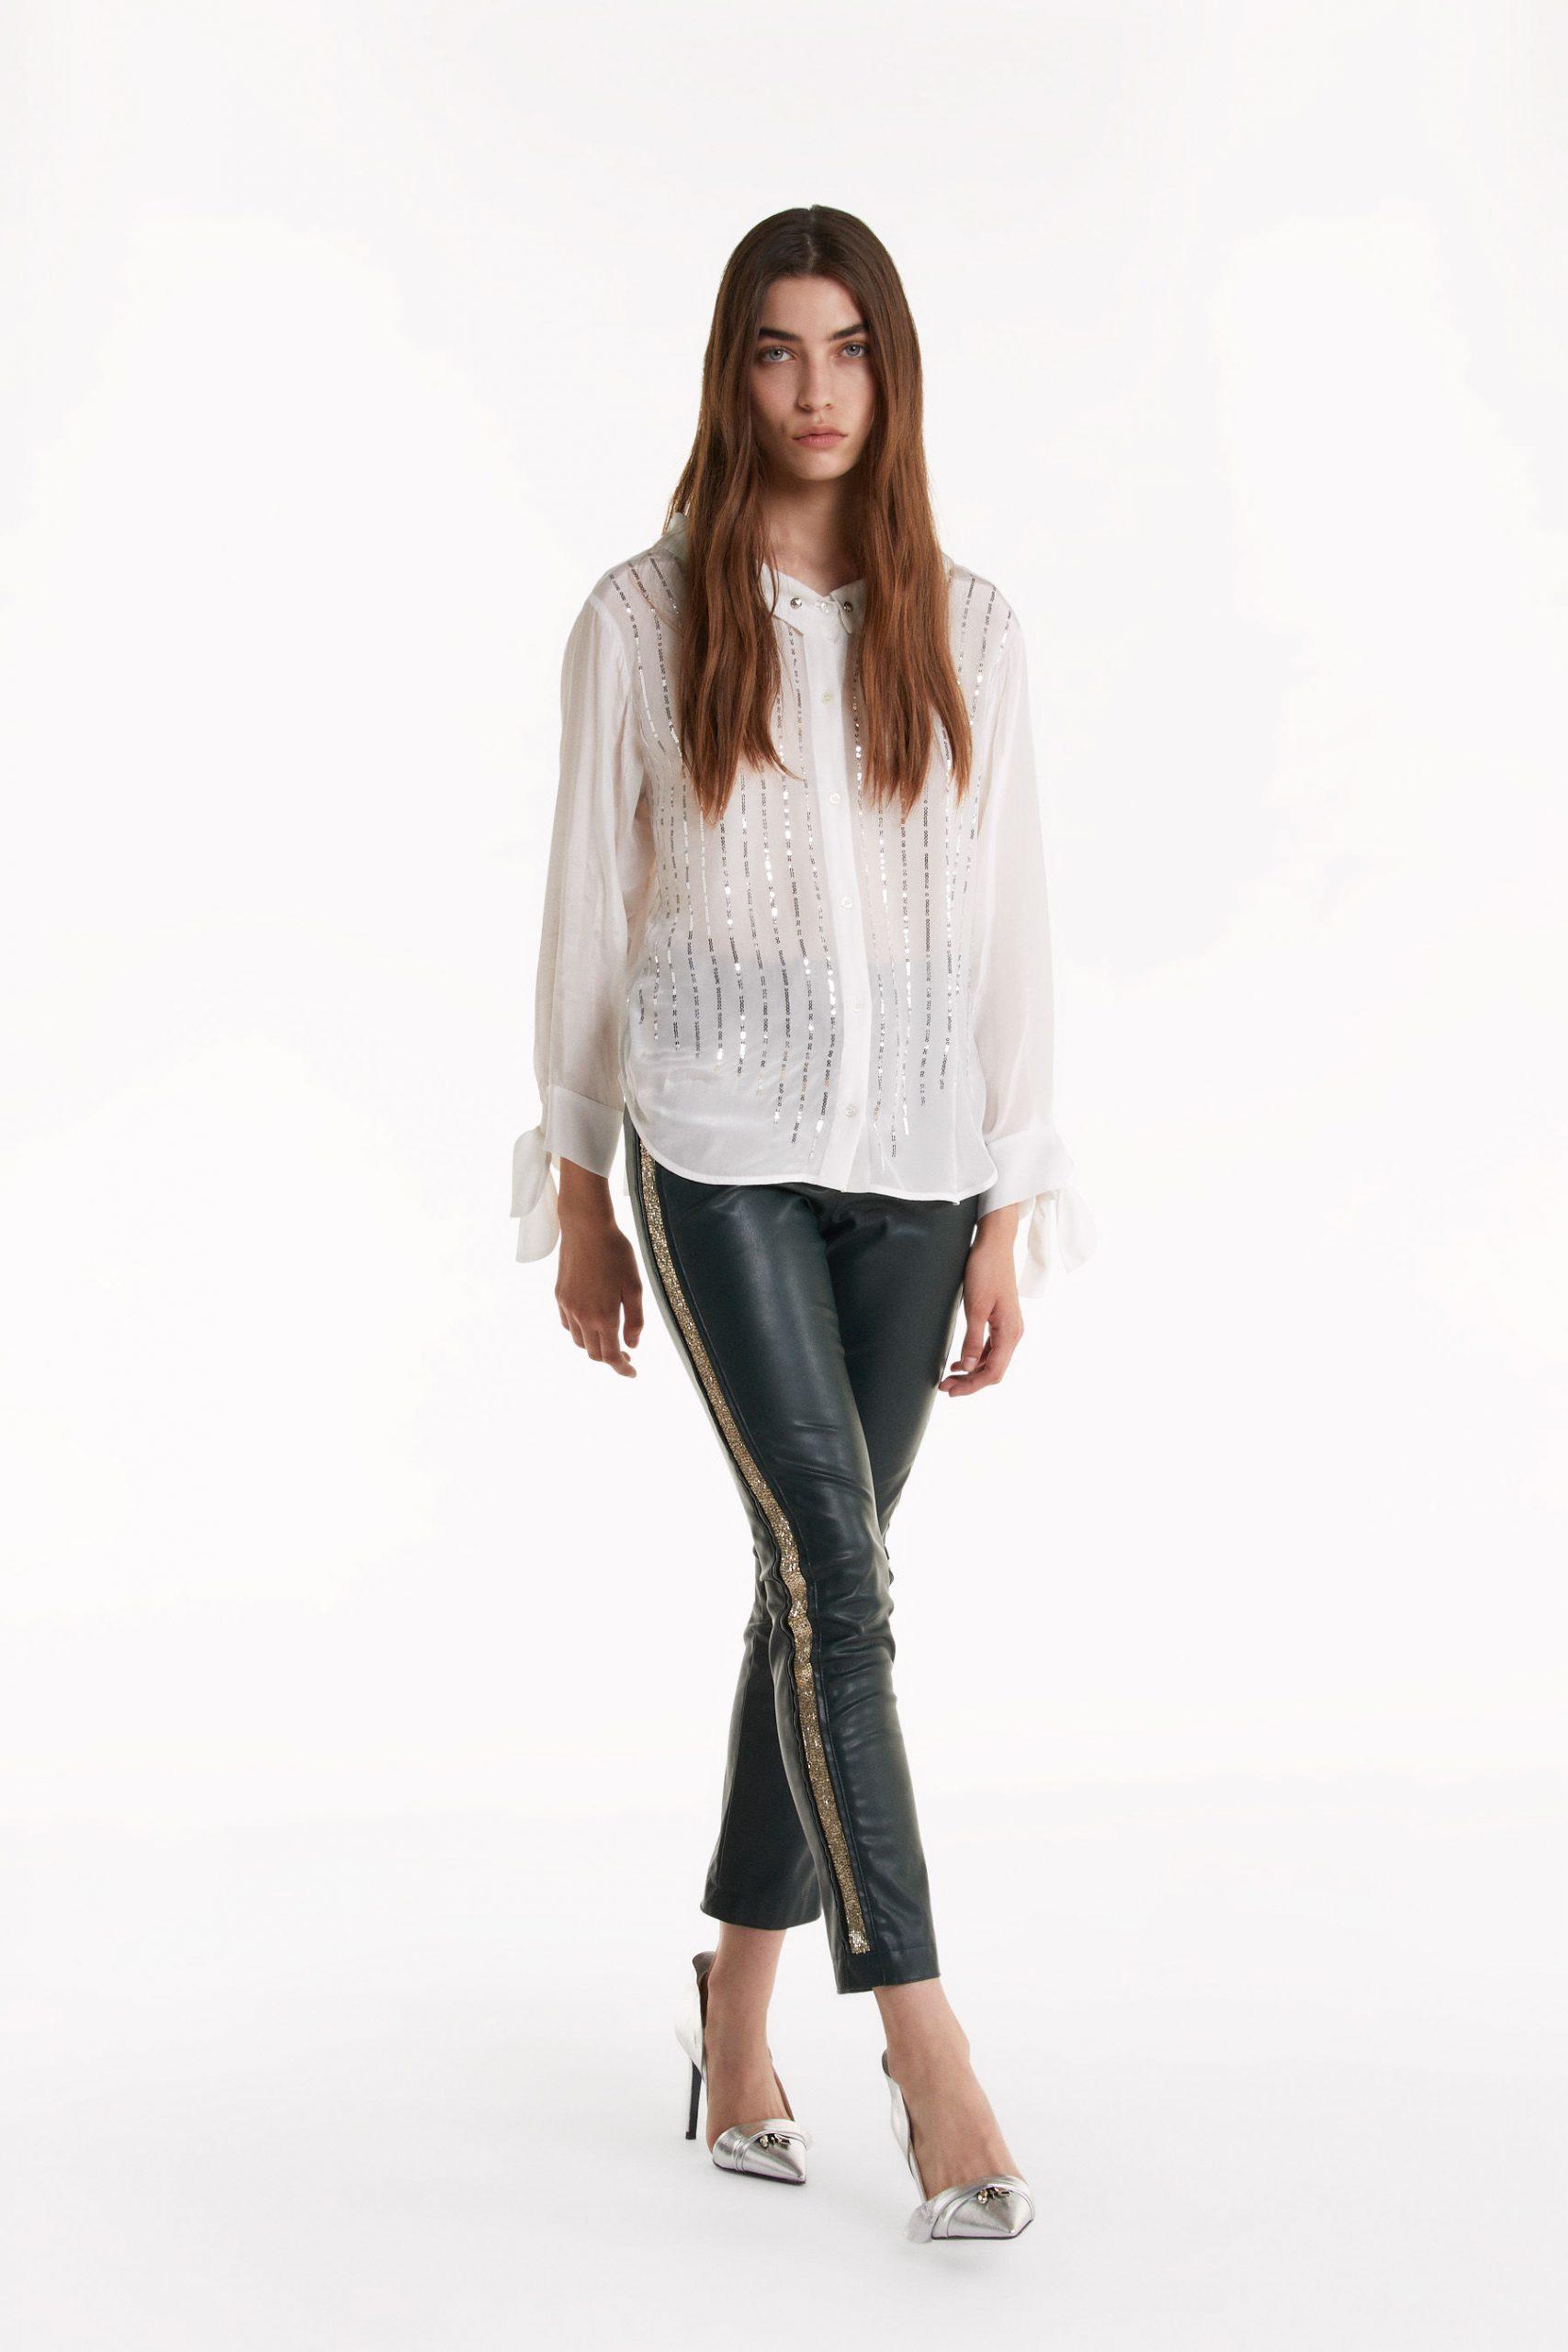 Abbigliamento Patrizia Pepe  Camicia in georgette White female collezione 2020 shop the look